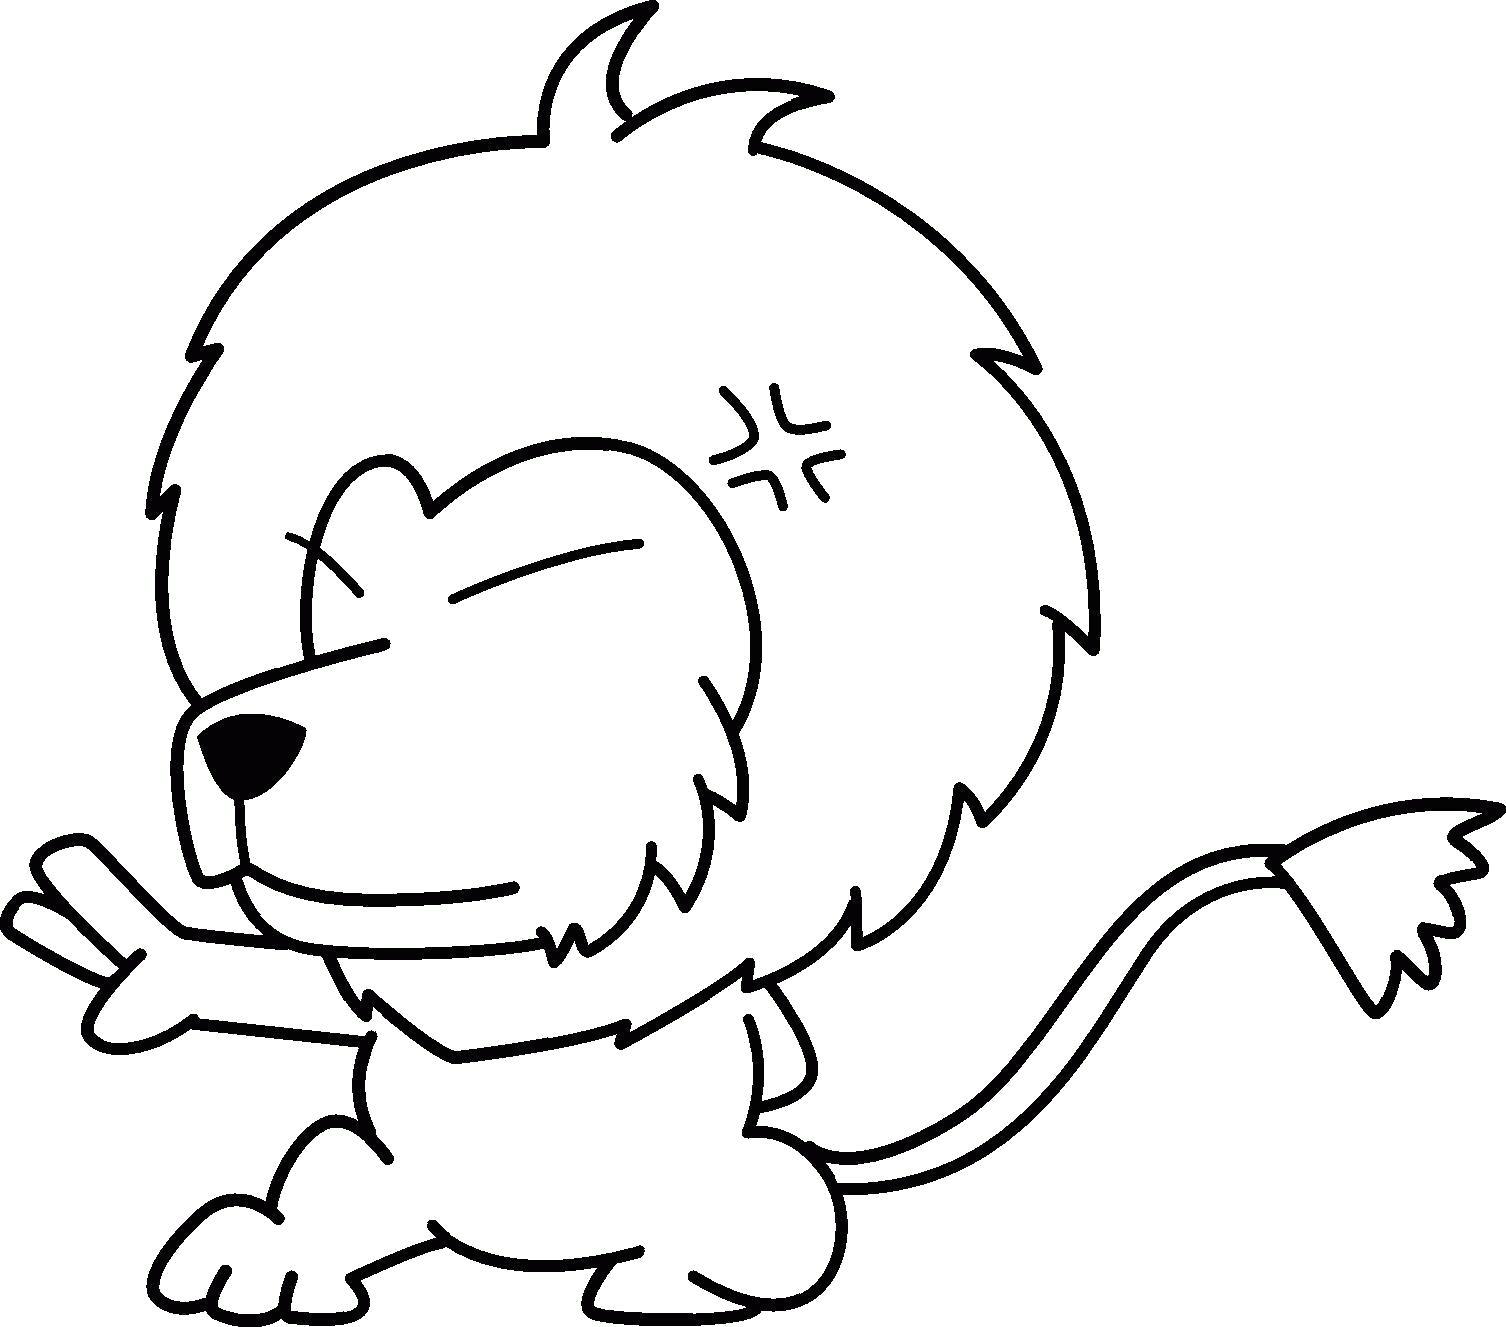 Раскраска Маленький львёнок. Скачать животных.  Распечатать животных